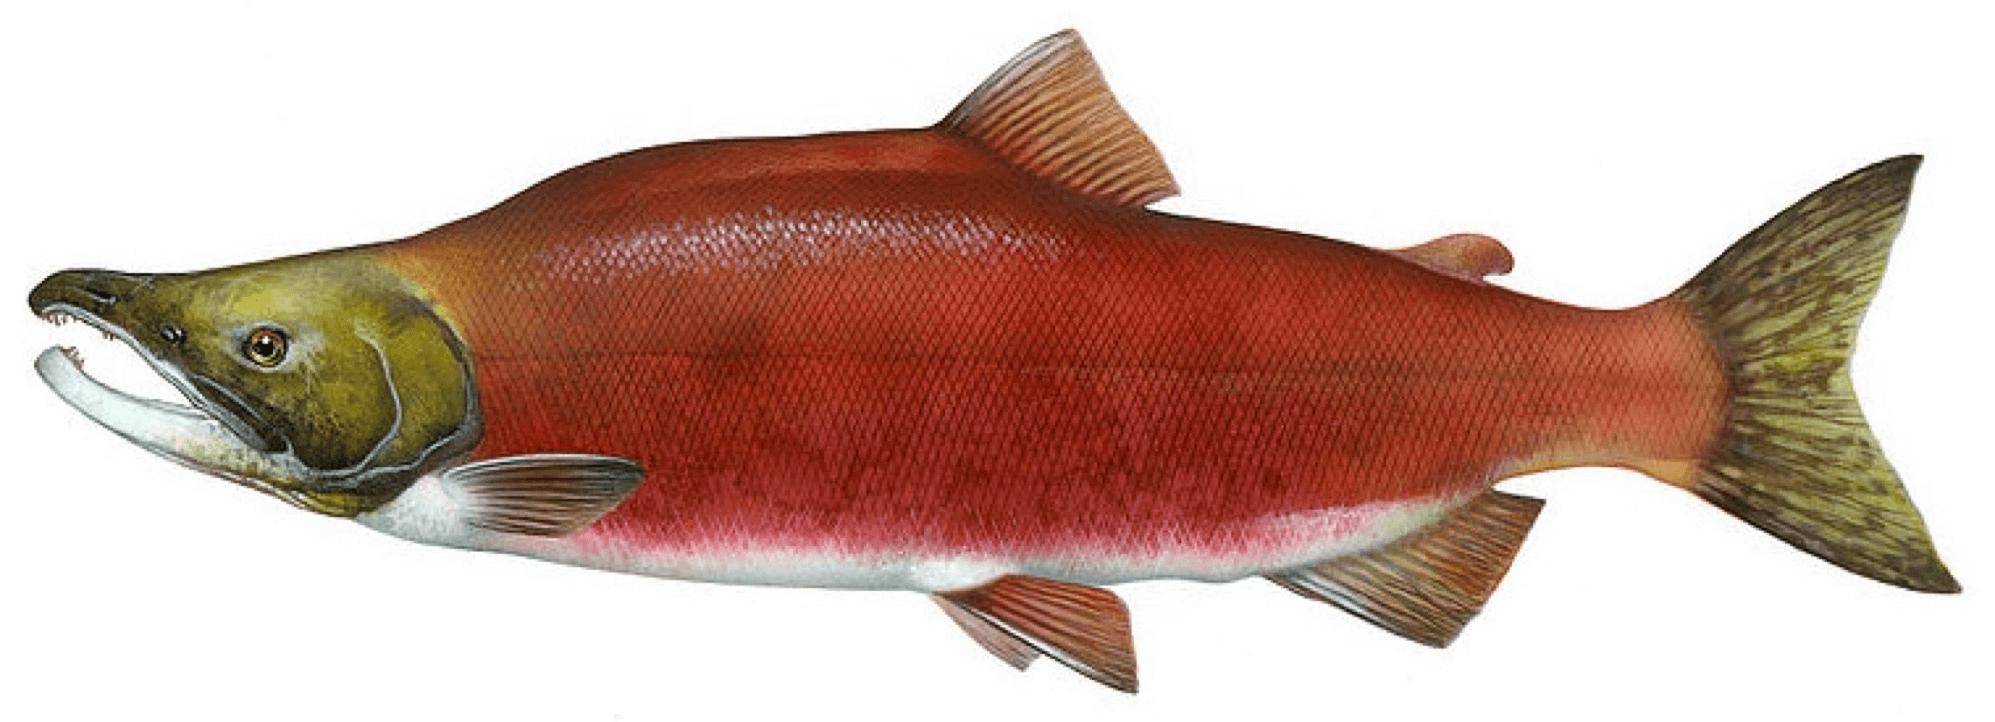 Fishing-Guide-How-to-Catch-Kokanee-Salmon